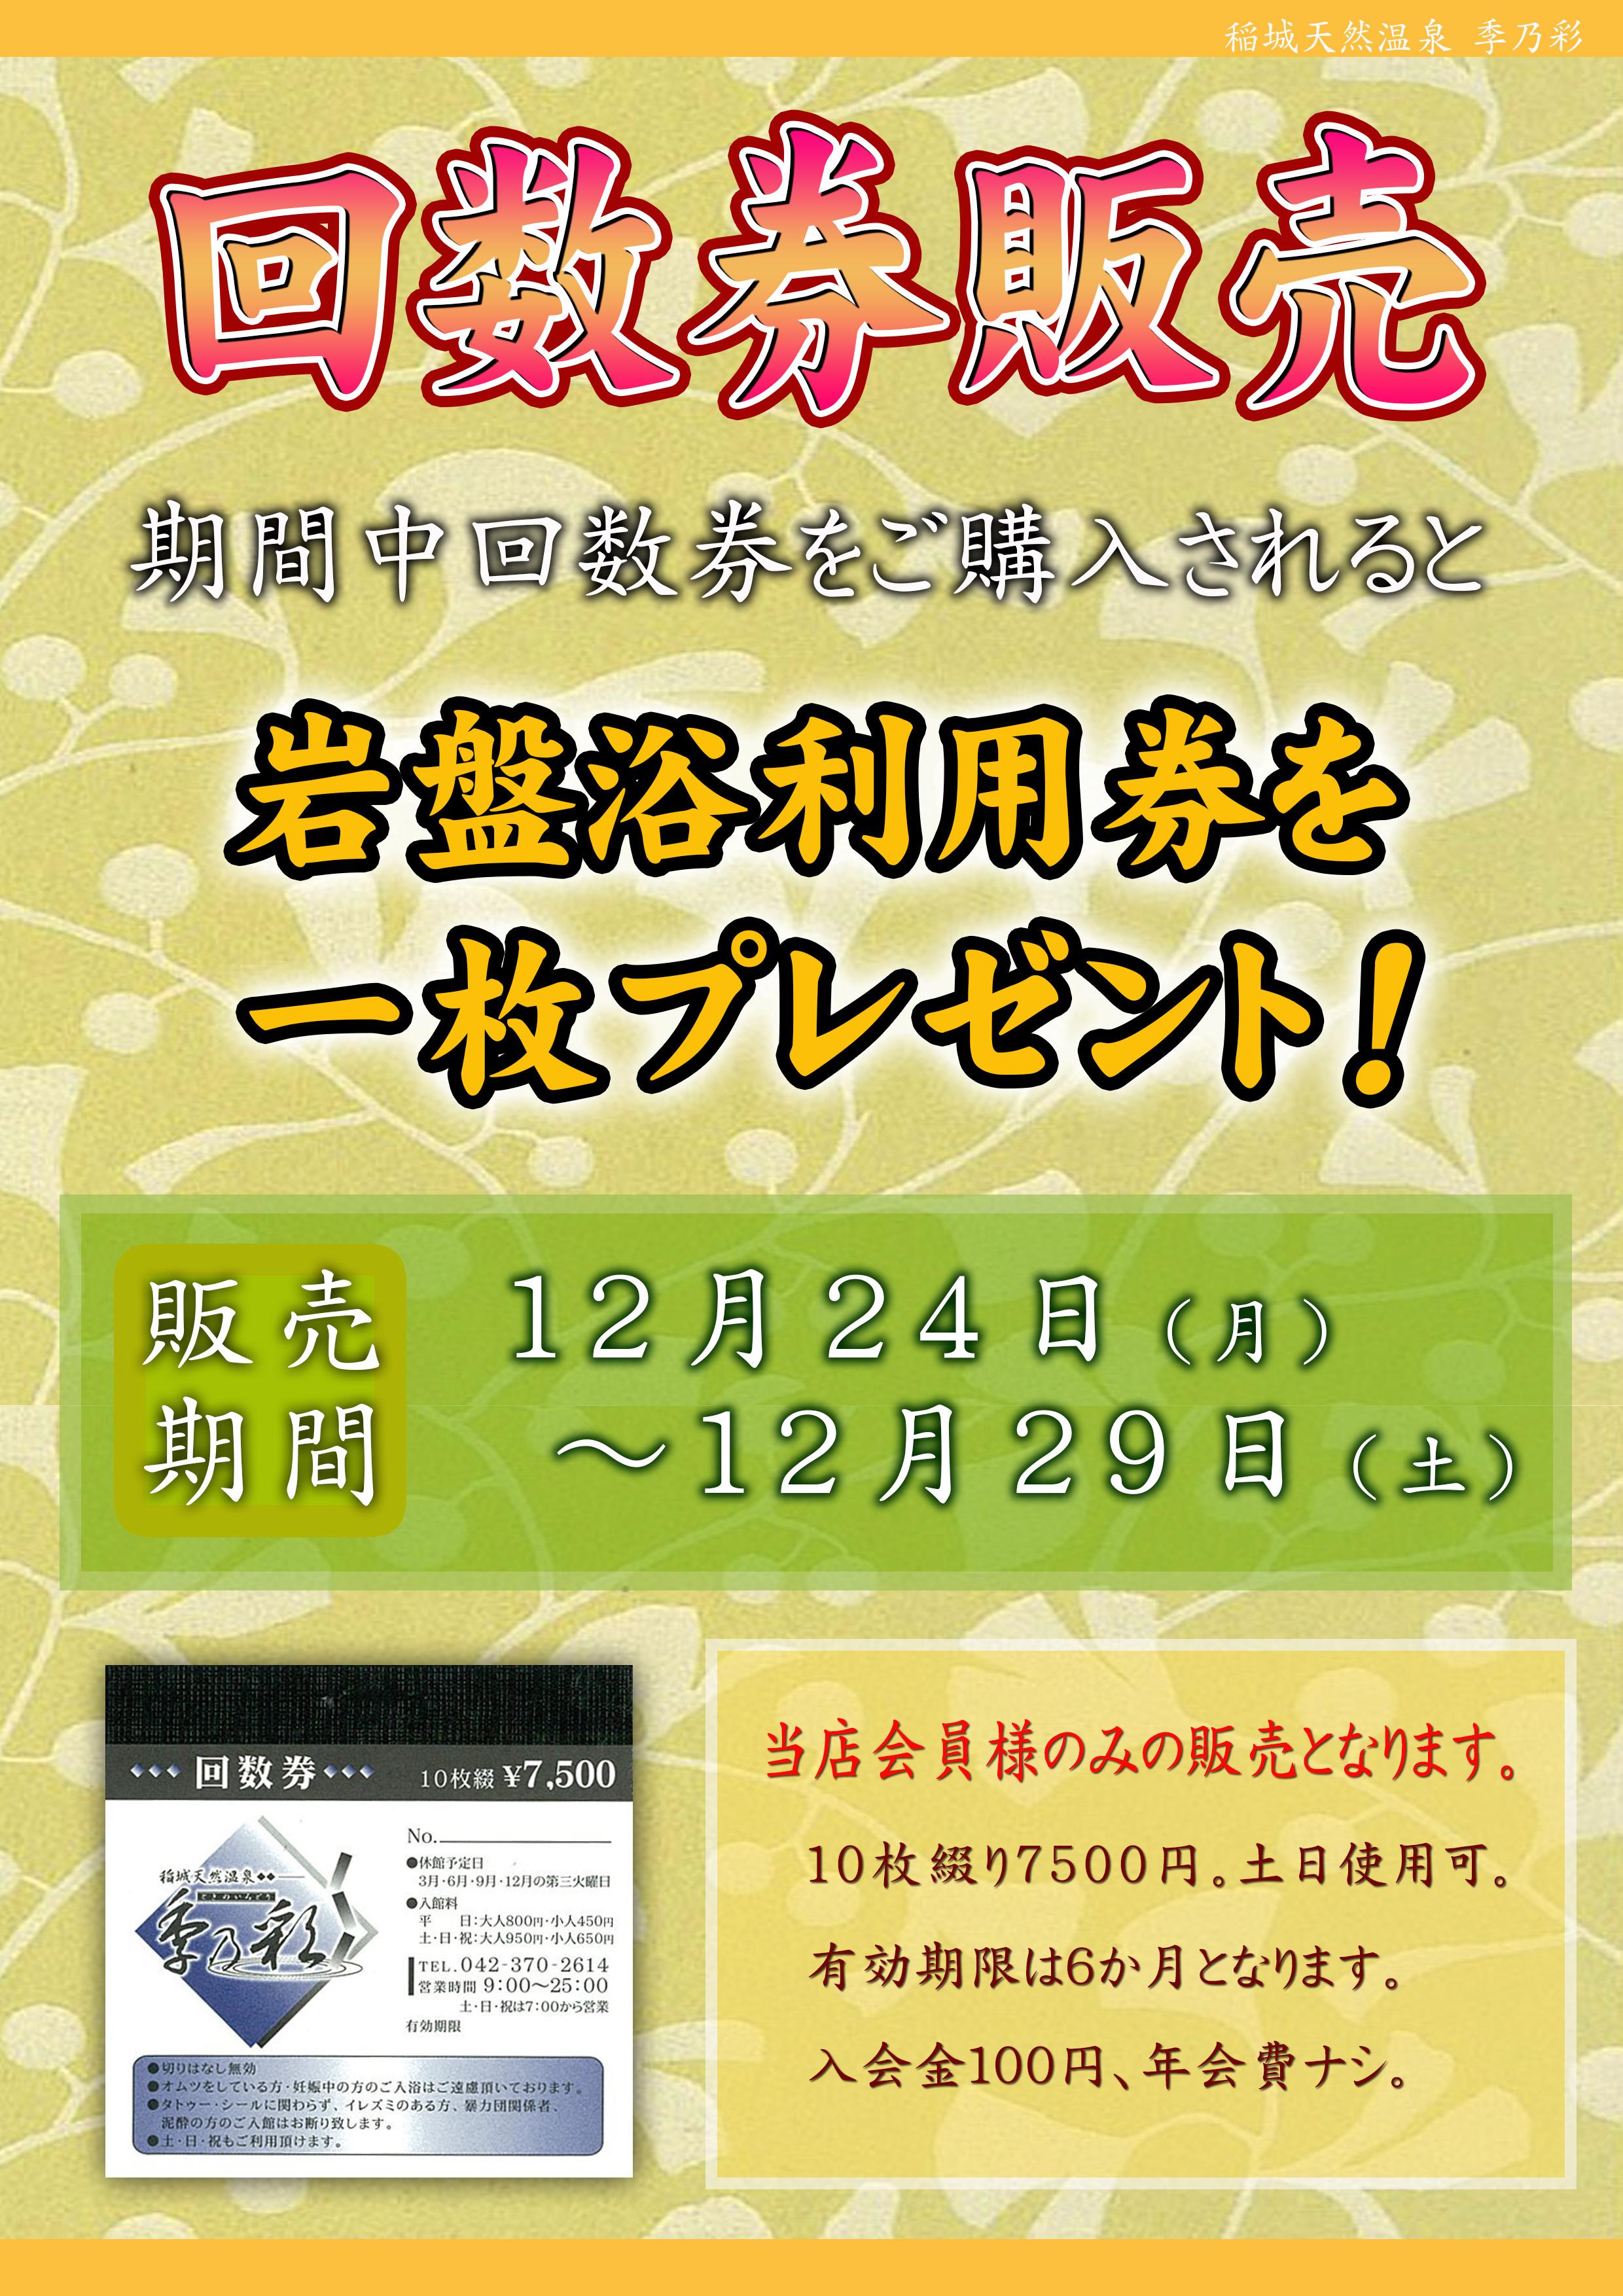 201812POP イベント 回数券特売 岩盤浴券付与【入会100円】11月